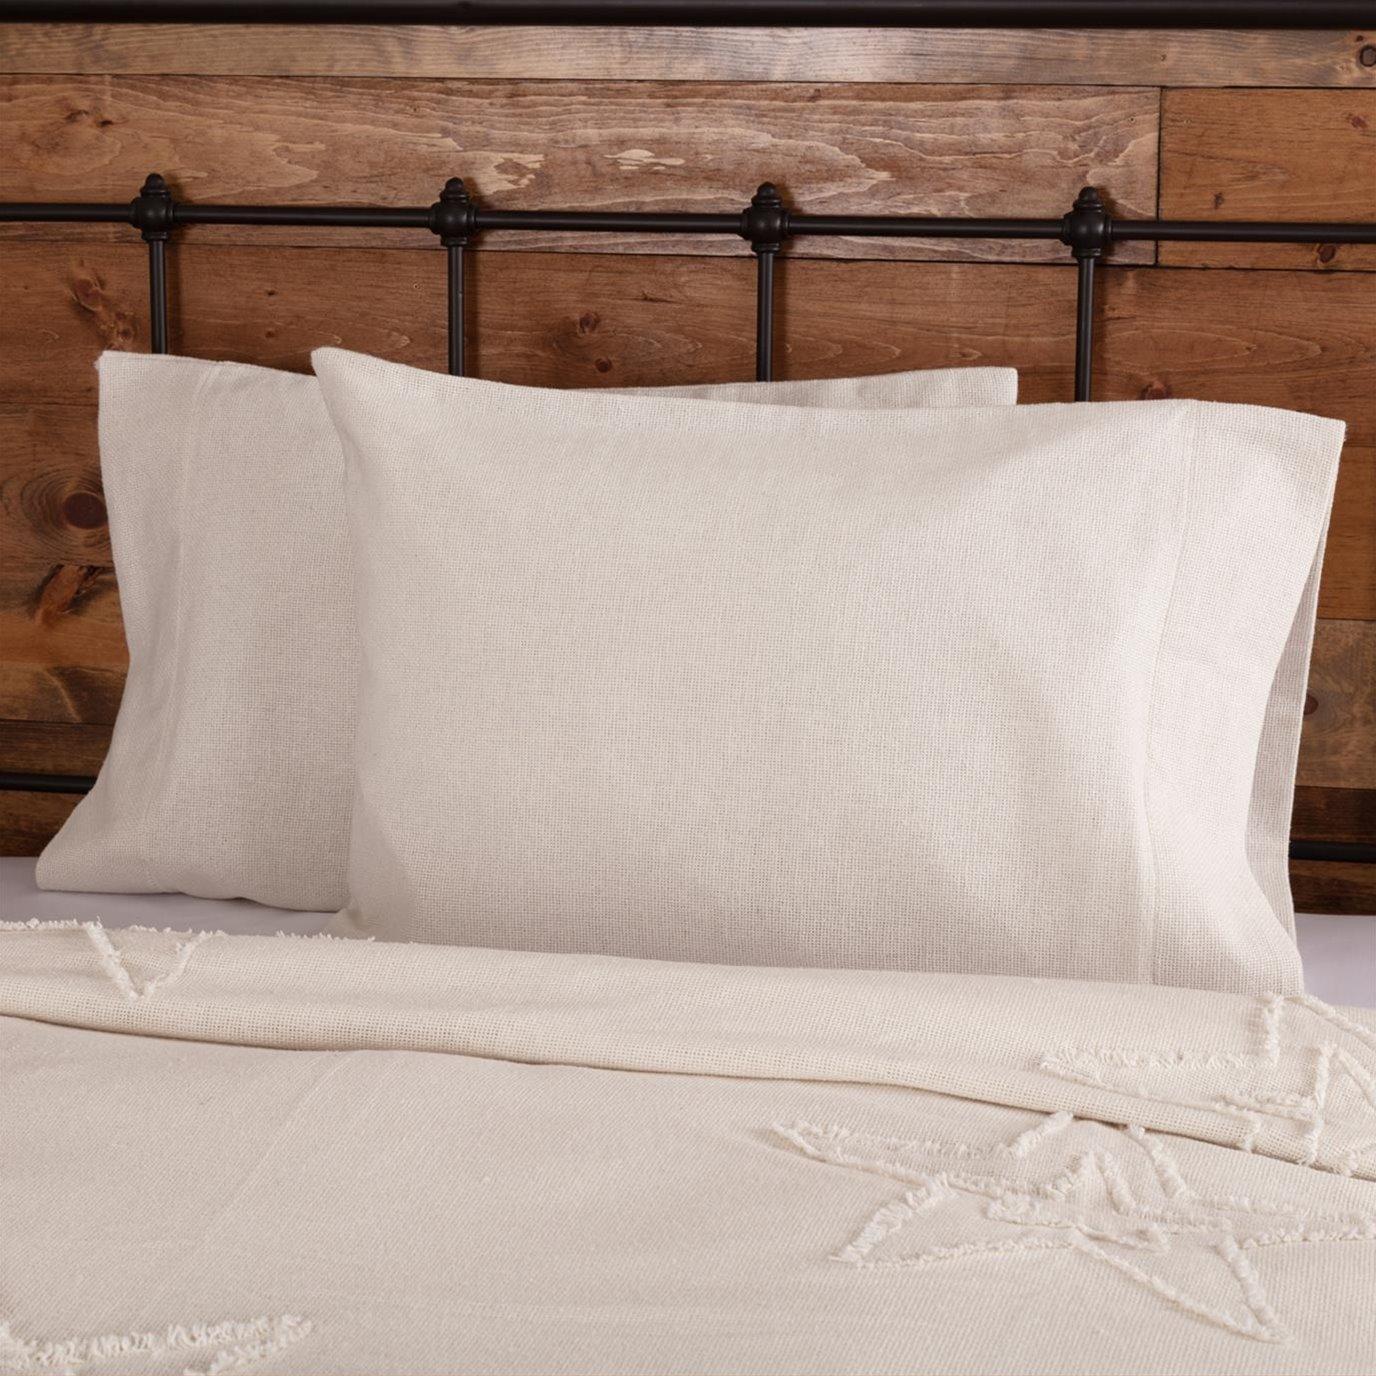 Burlap Antique White Standard Pillow Case Set of 2 21x30